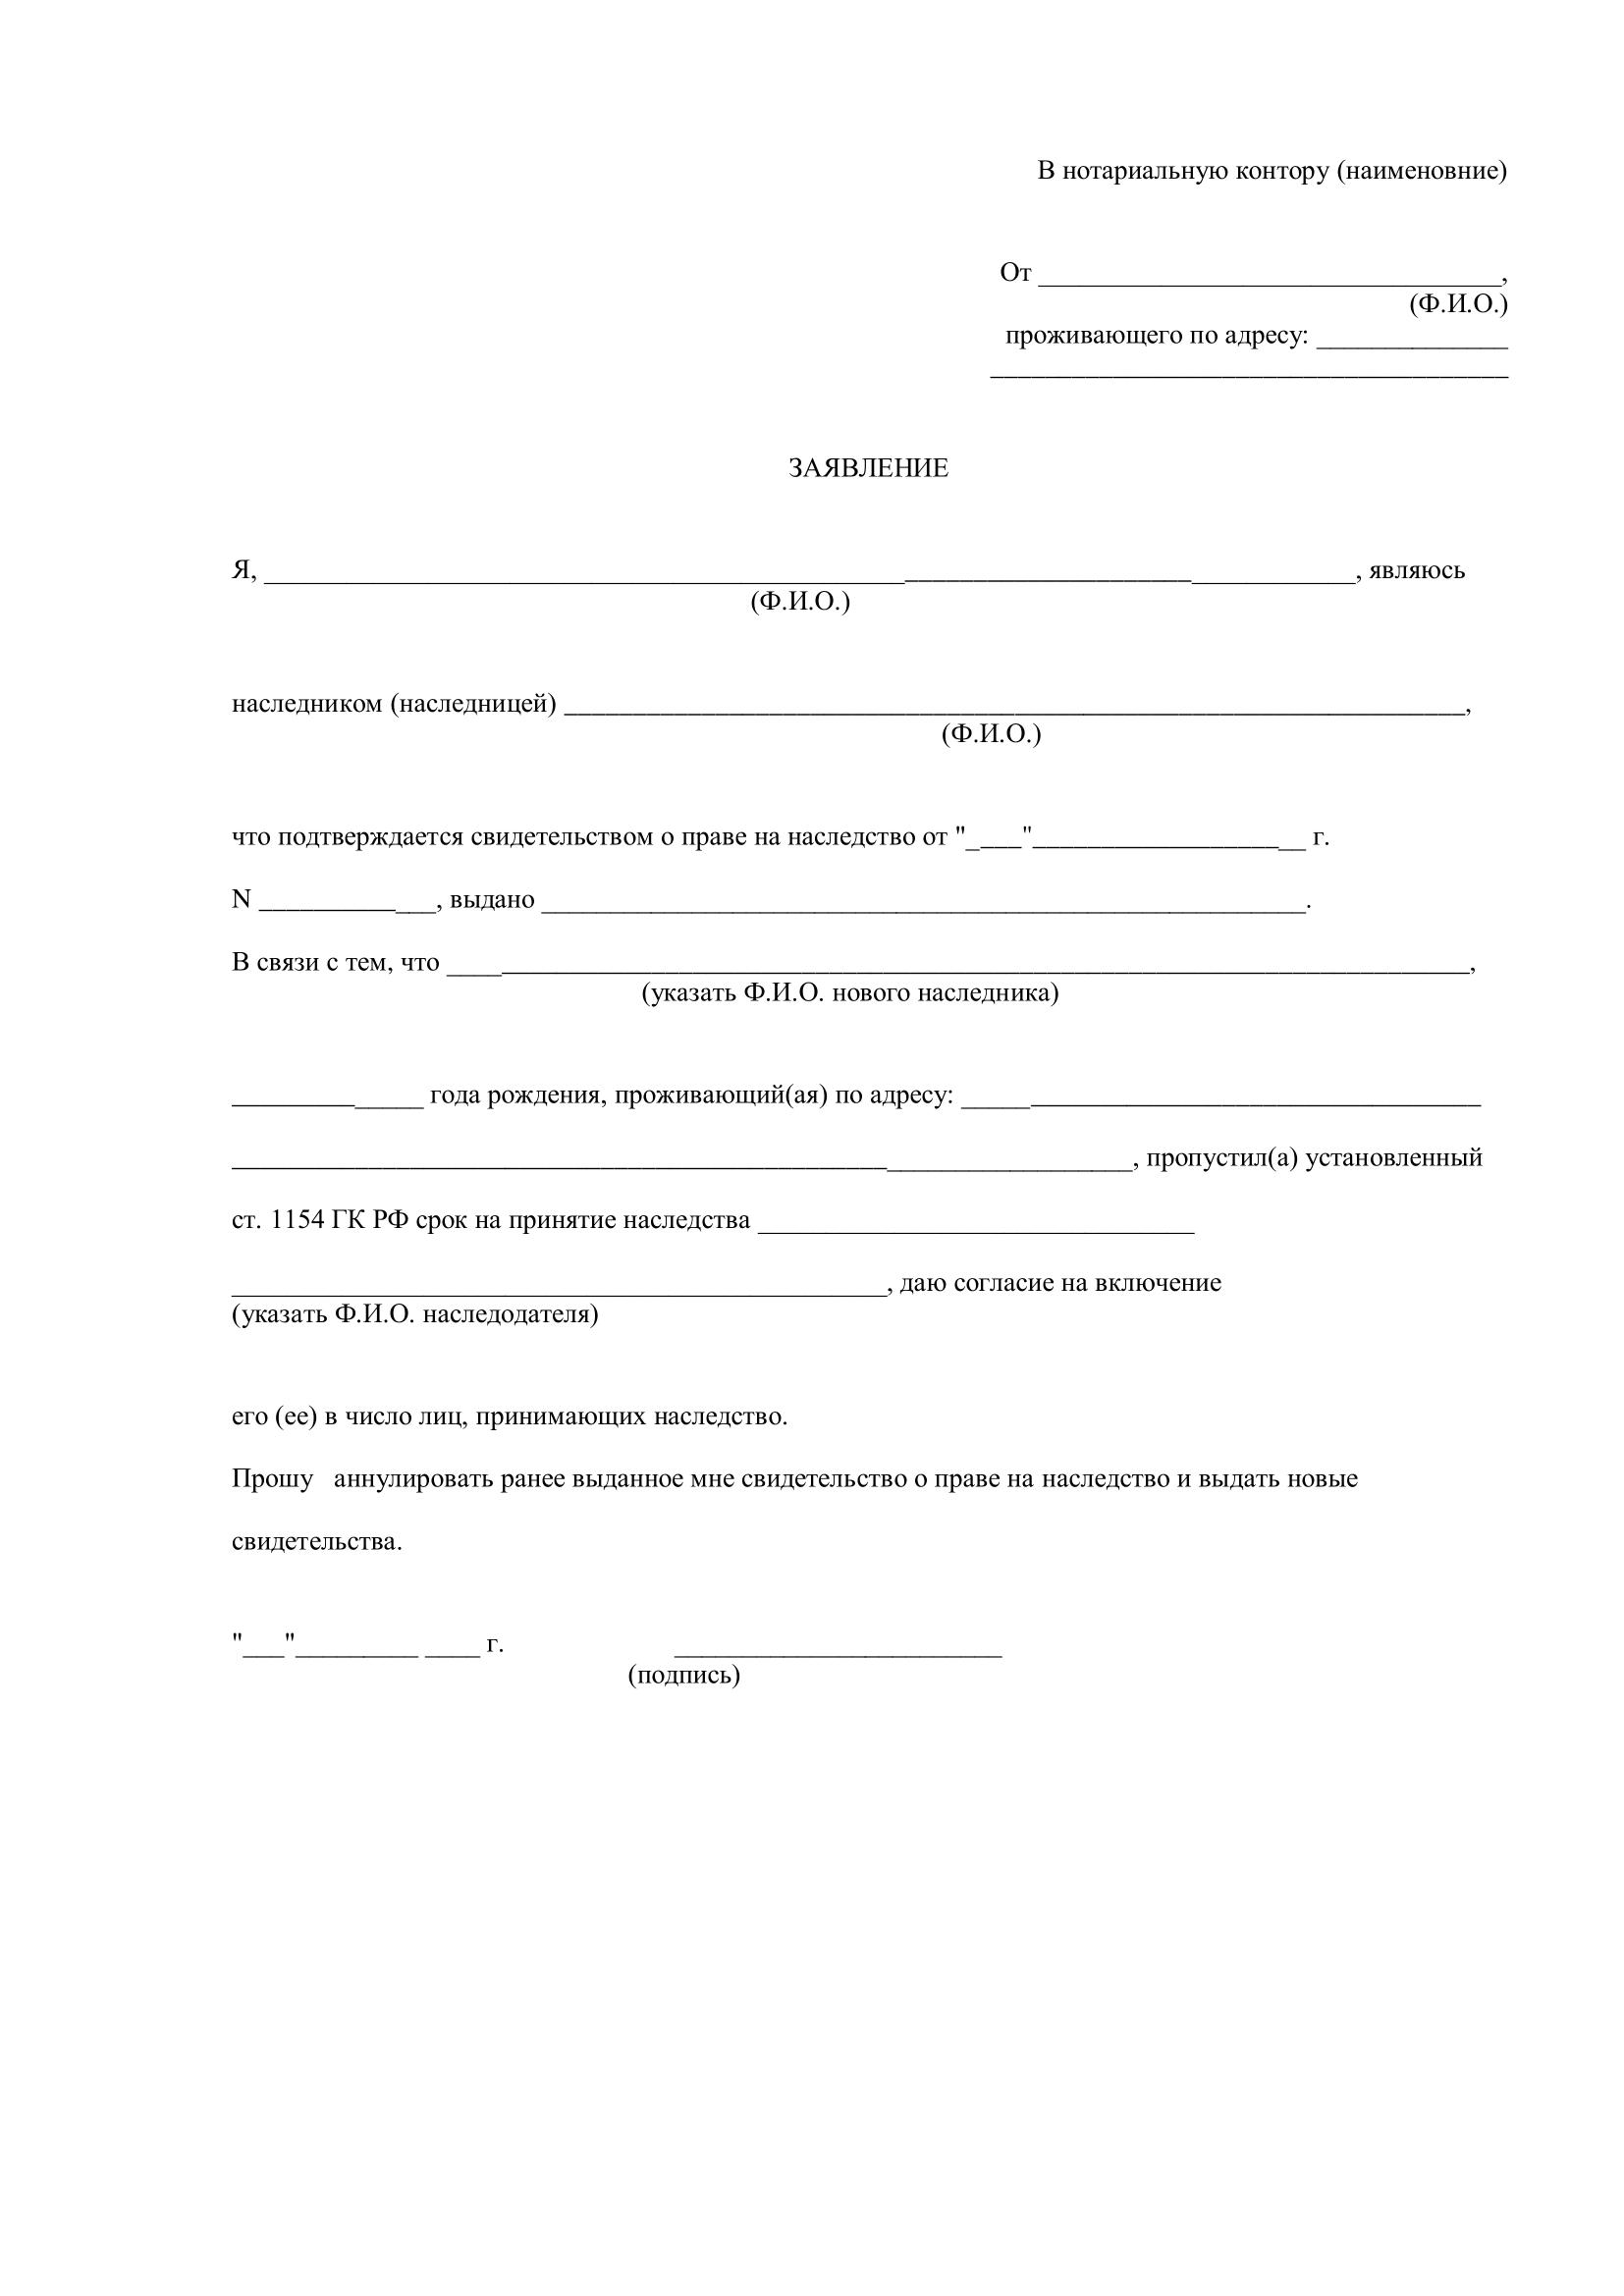 Заявление наследника, принявшего наследство, на согласие включить наследника, пропустившего срок для принятия наследства, в список лиц, принимающих наследство